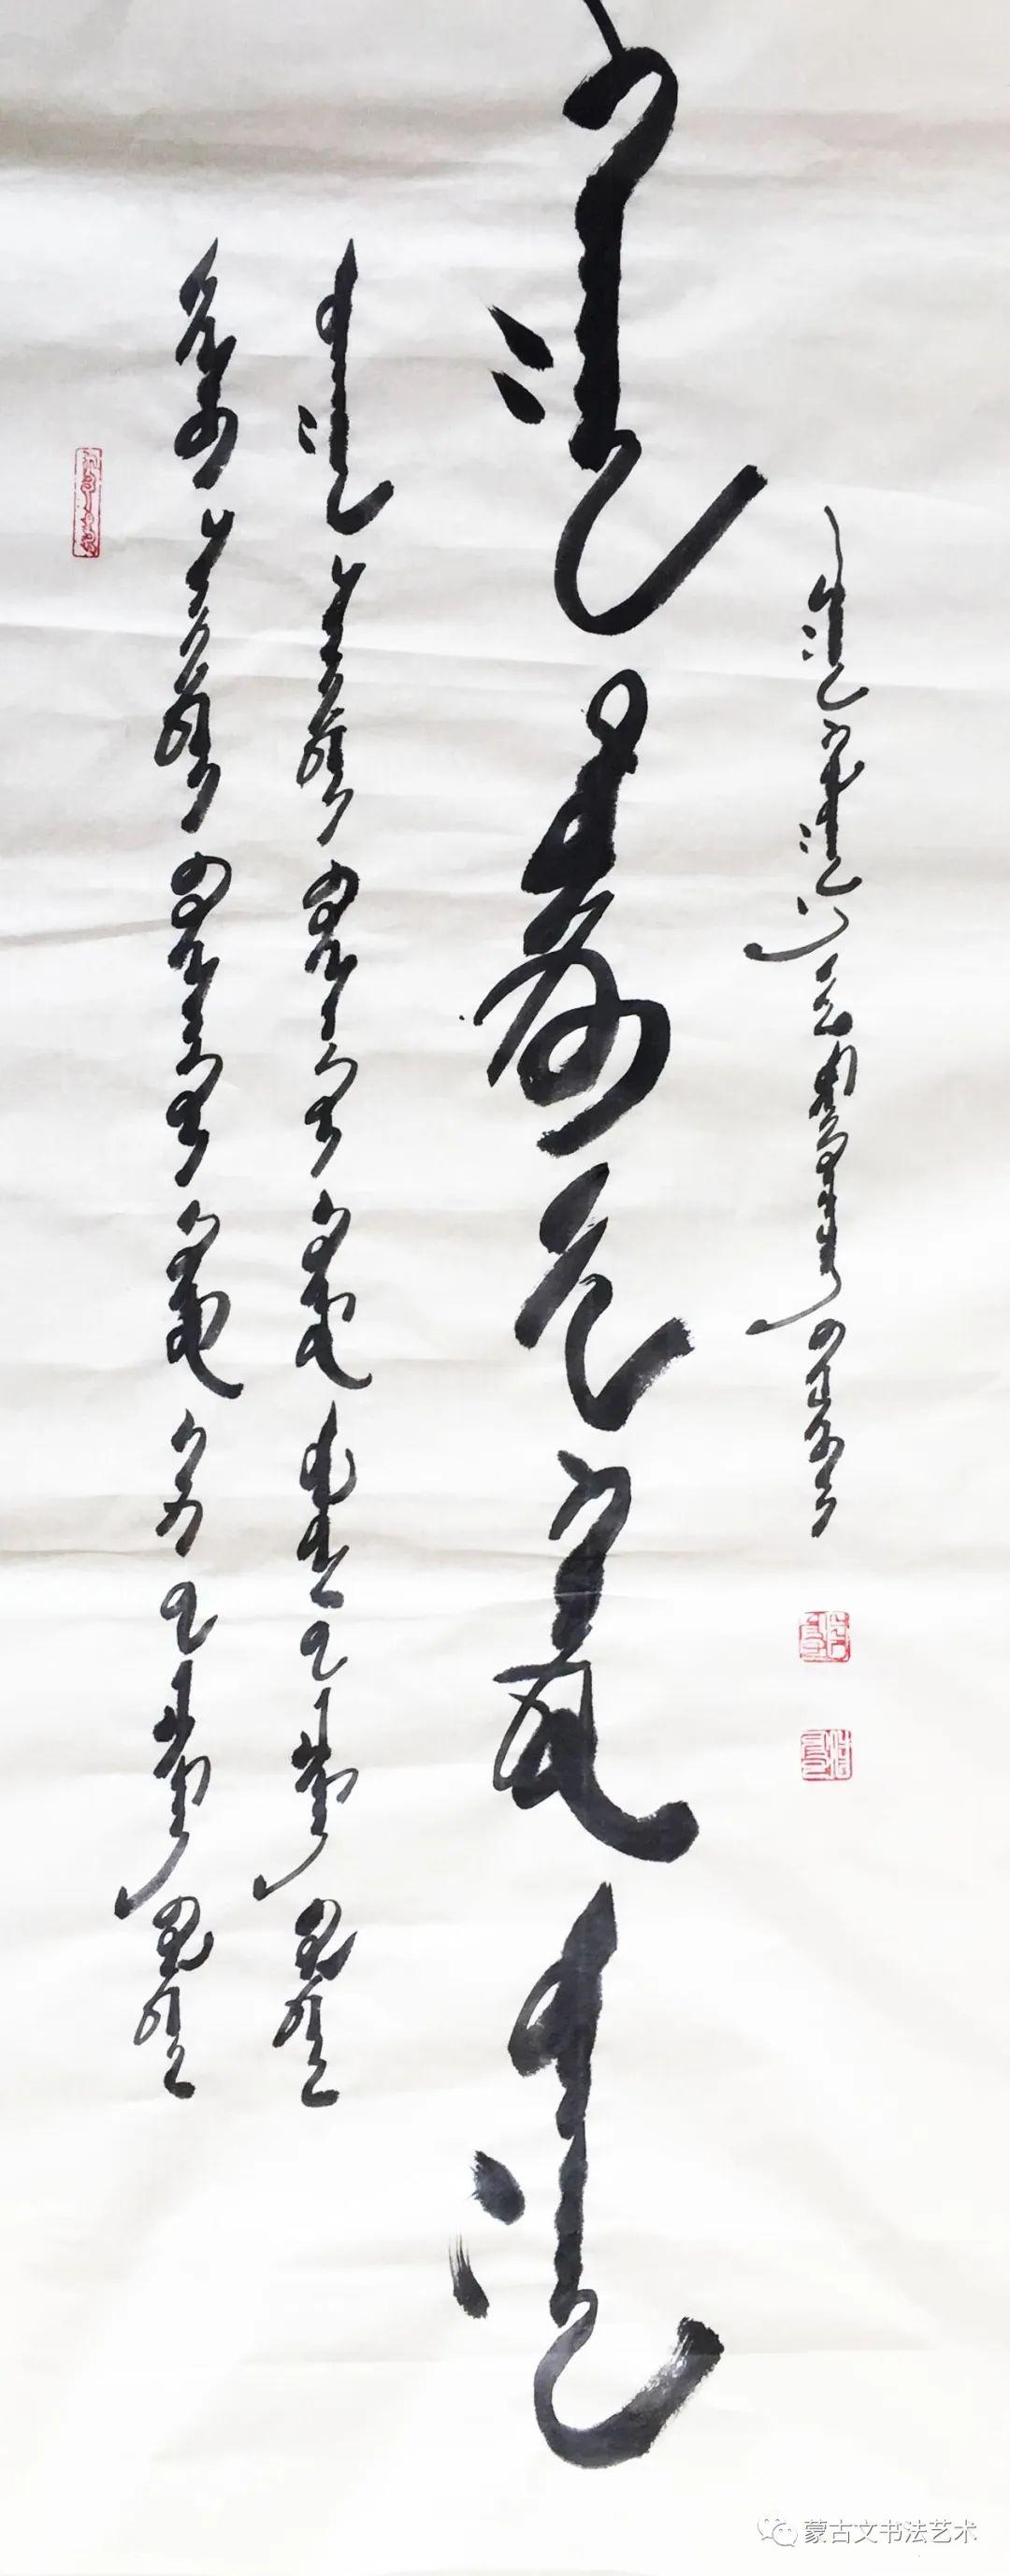 孟根其其格蒙古文书法(二) 第16张 孟根其其格蒙古文书法(二) 蒙古书法